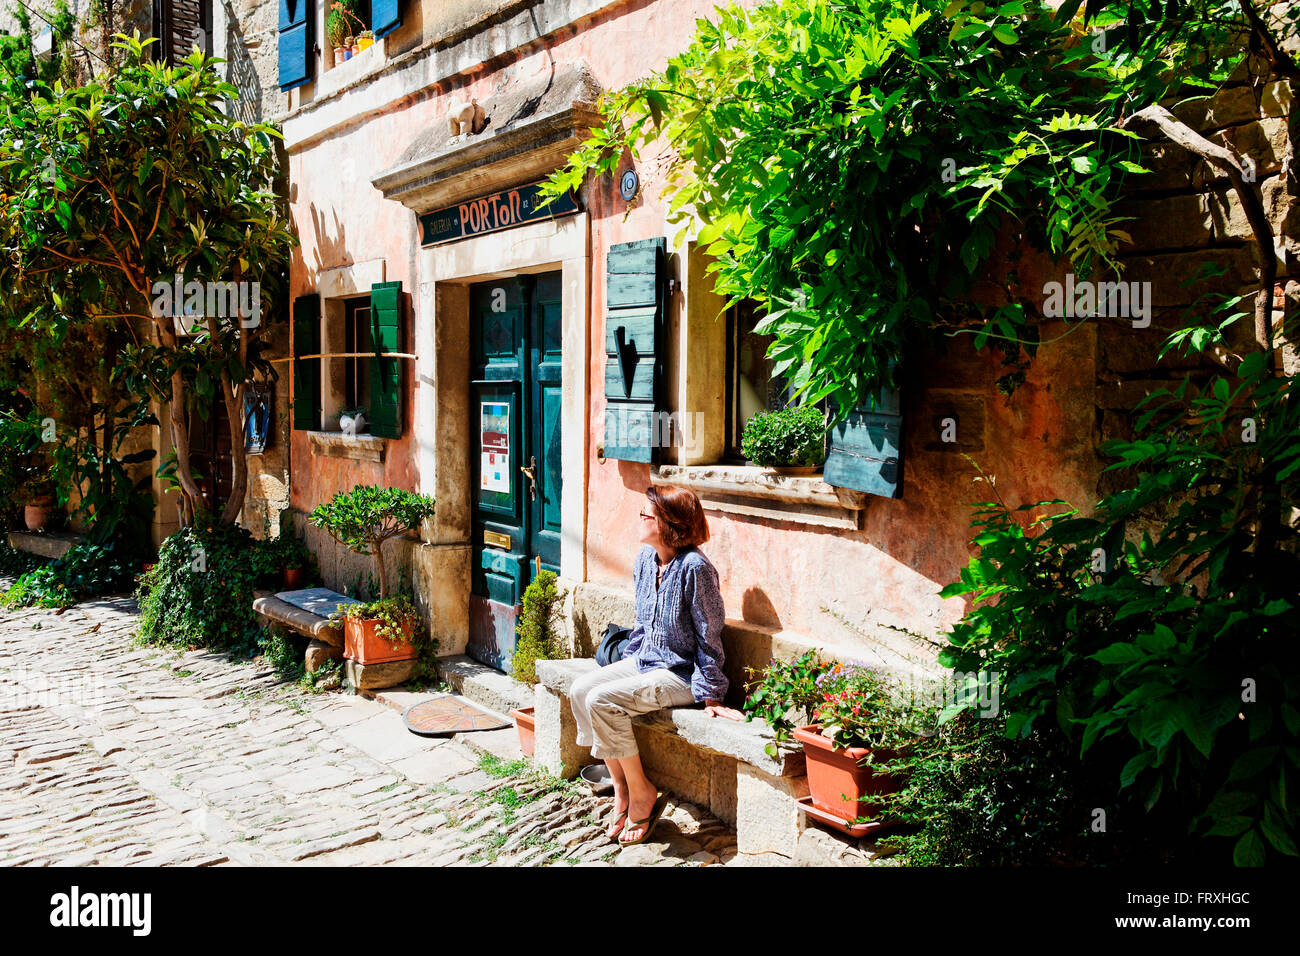 Villaggio artistico, Groznjan, Istria, Croazia Immagini Stock